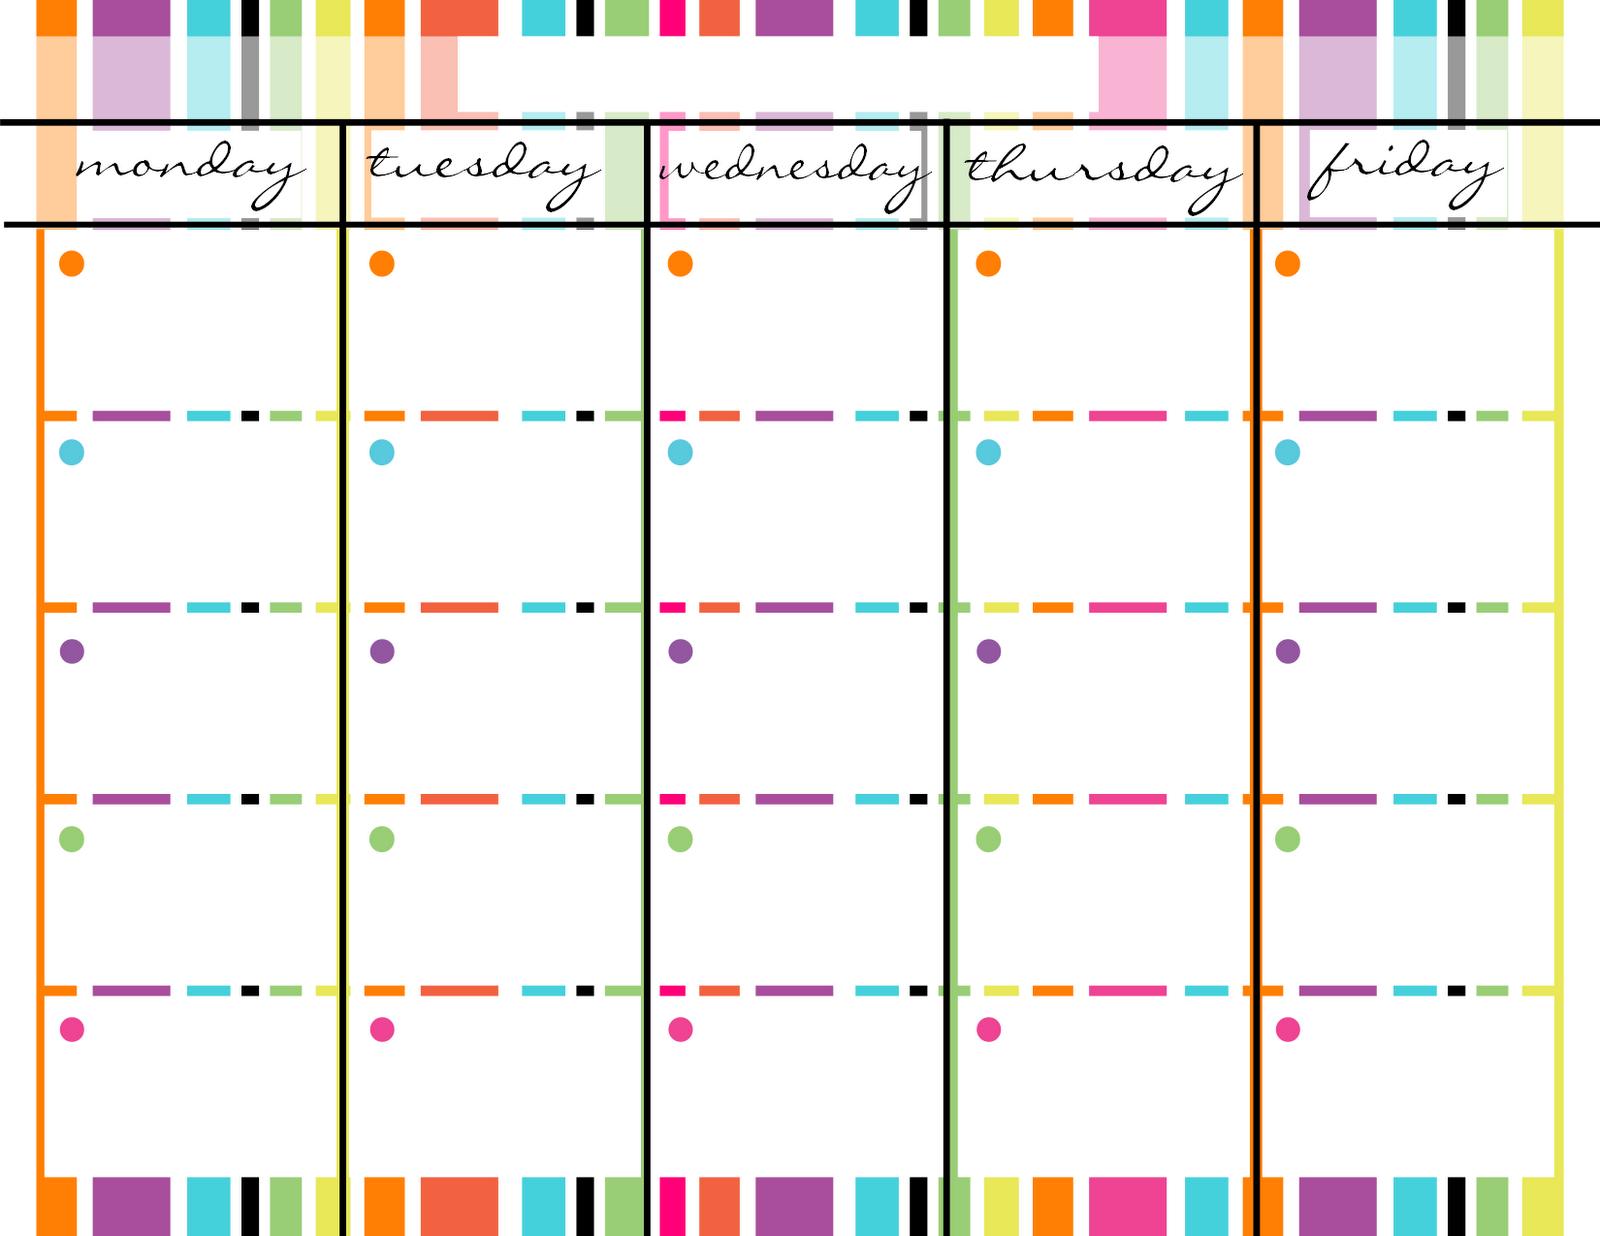 Blank Monday Through Friday Printable Calendar | Calendar pertaining to Free Printable Calendar Monday Through Friday